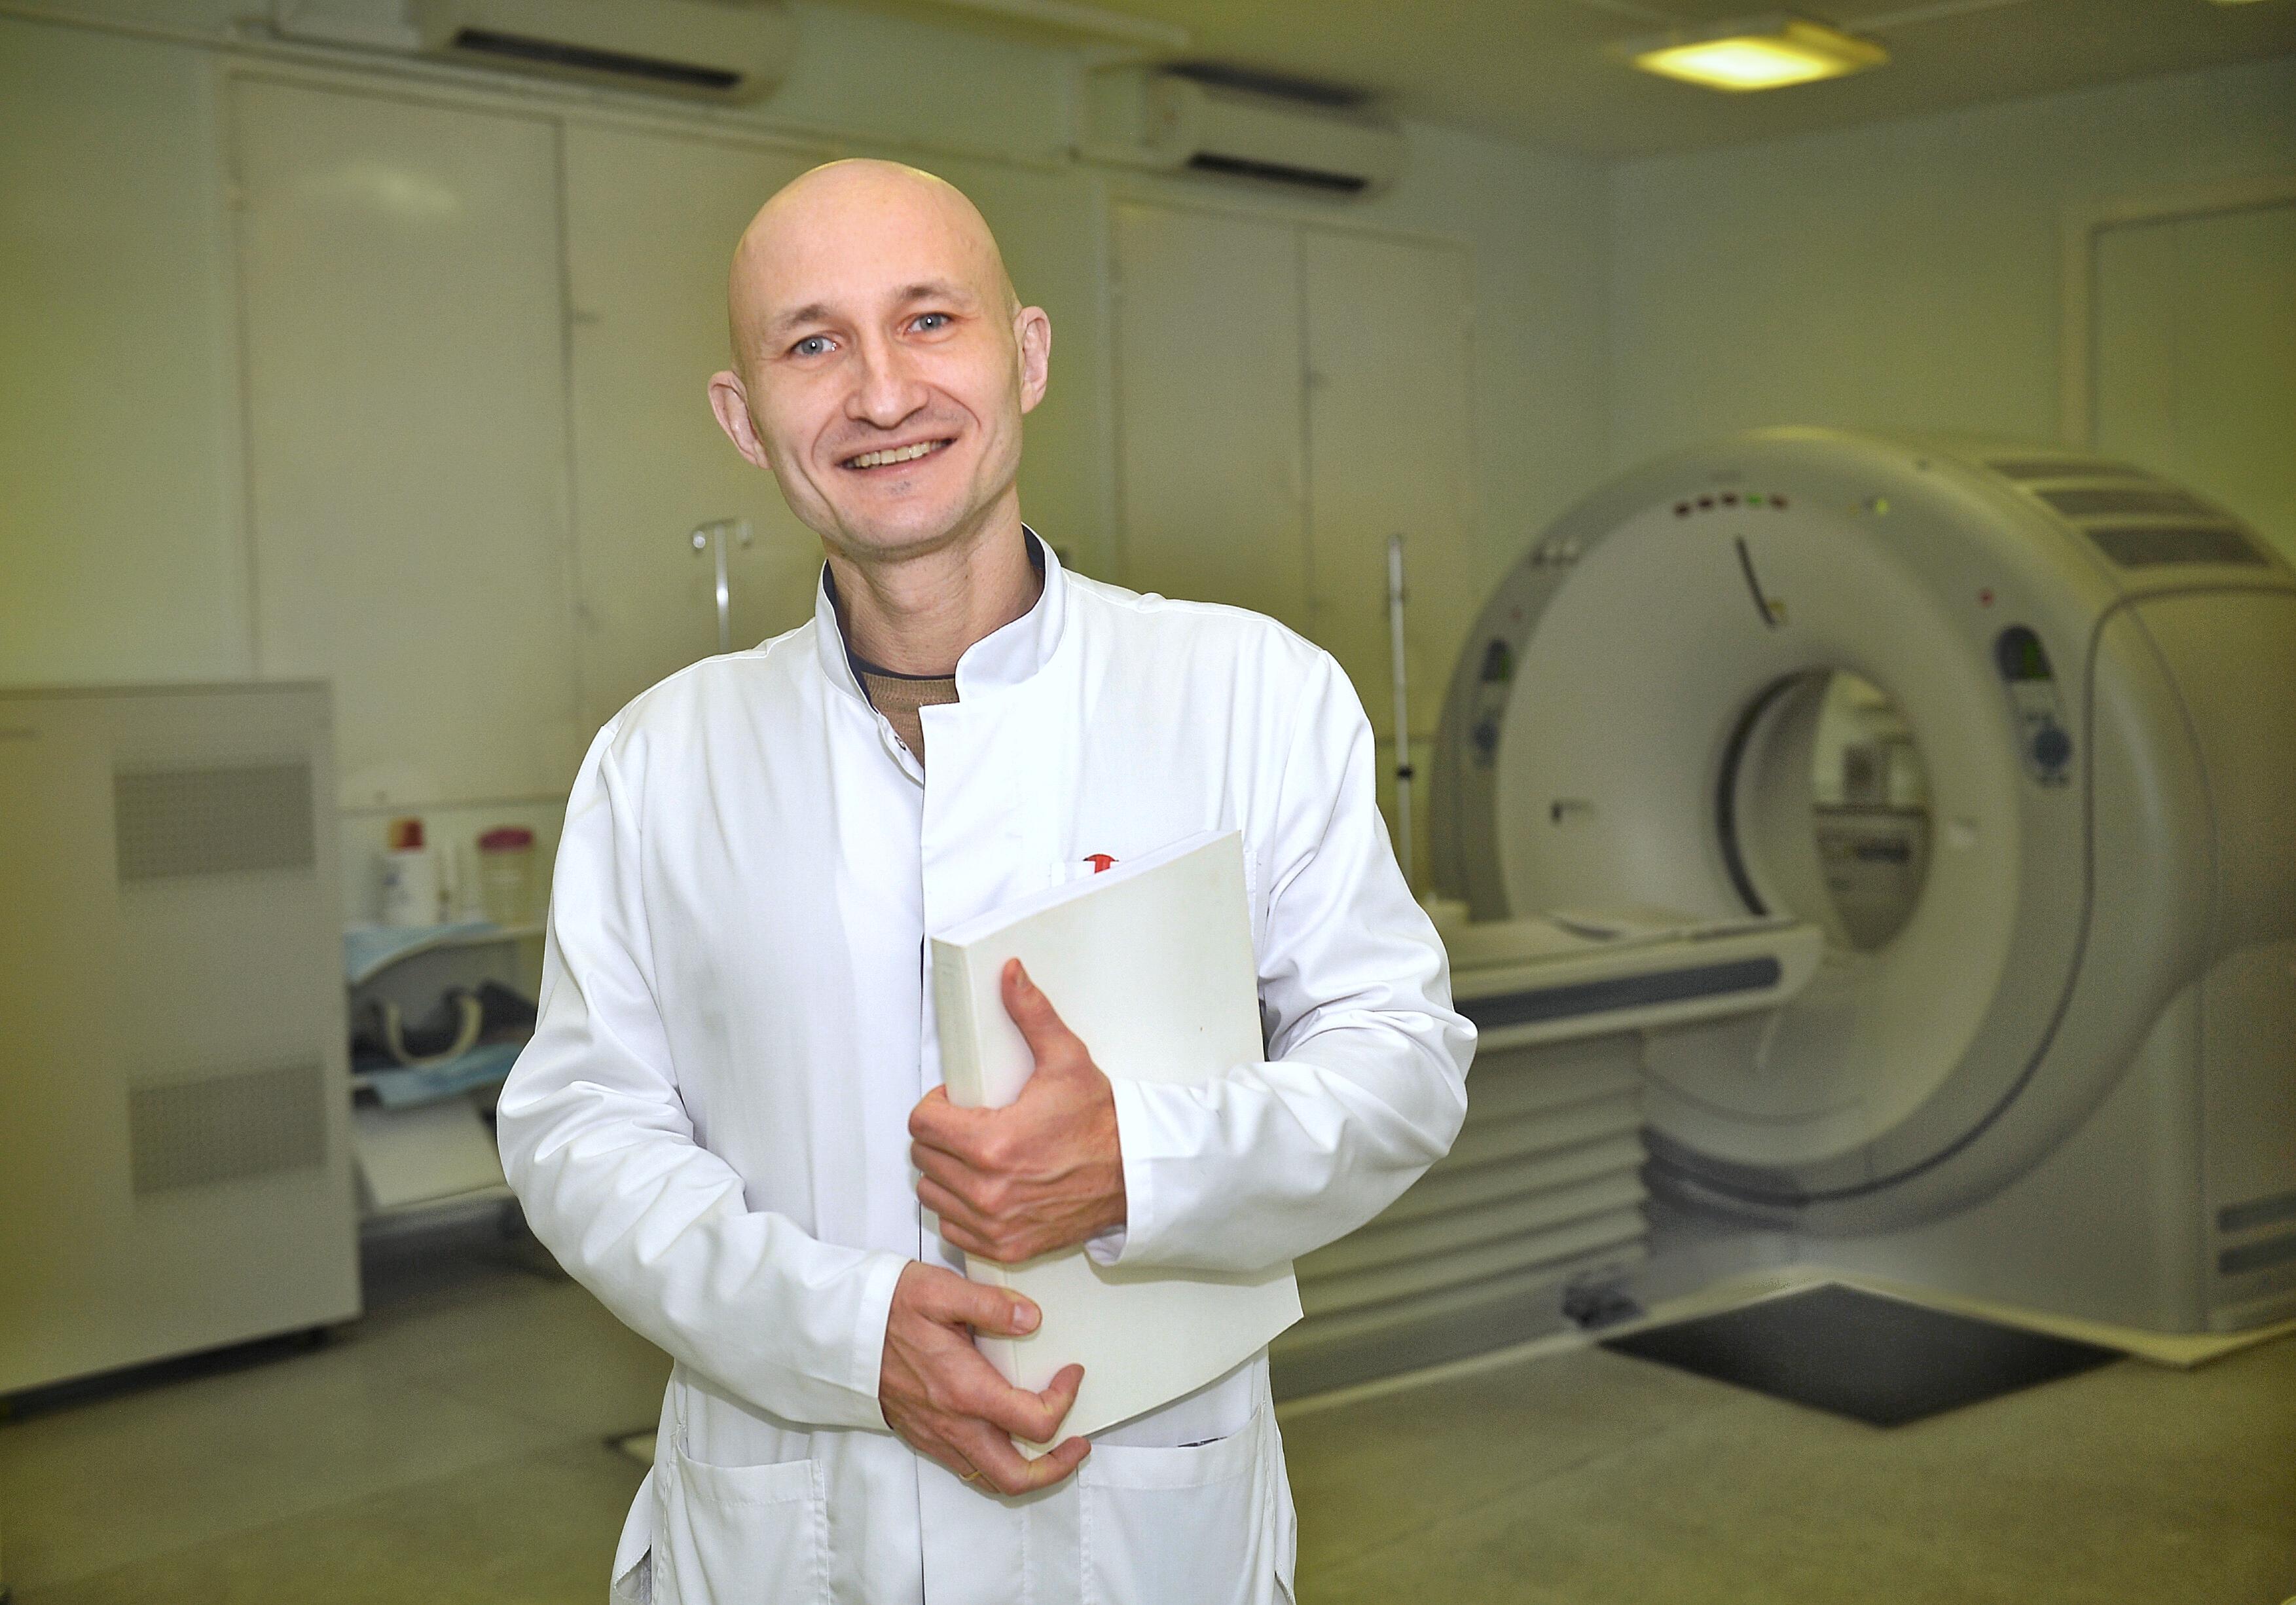 Две трети КТ-центров Москвы перевели на плановый прием пациентов